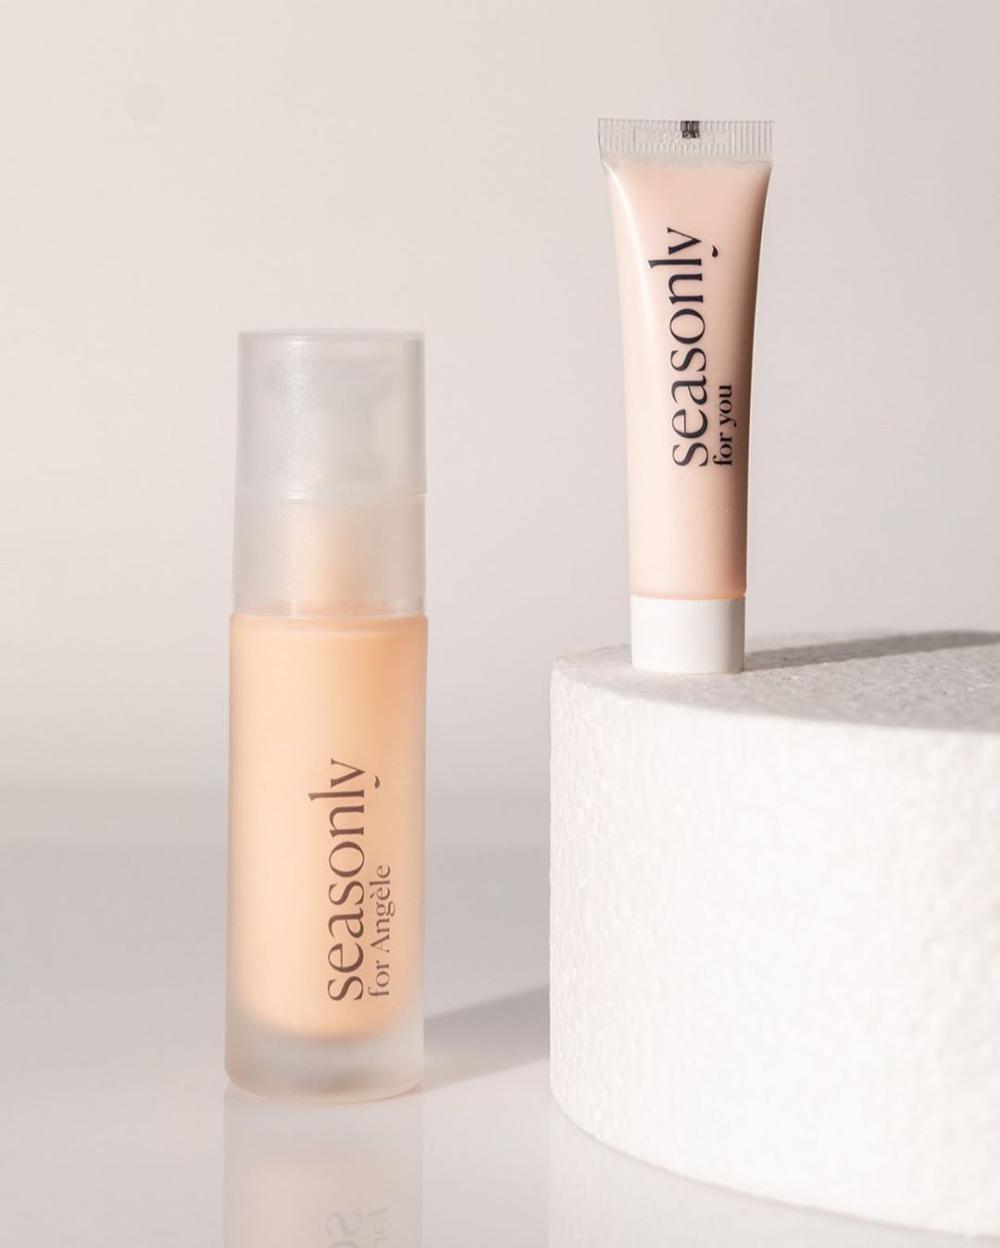 Seasonly seasonly • Photos et vidéos Instagram   Lipstick, Beauty